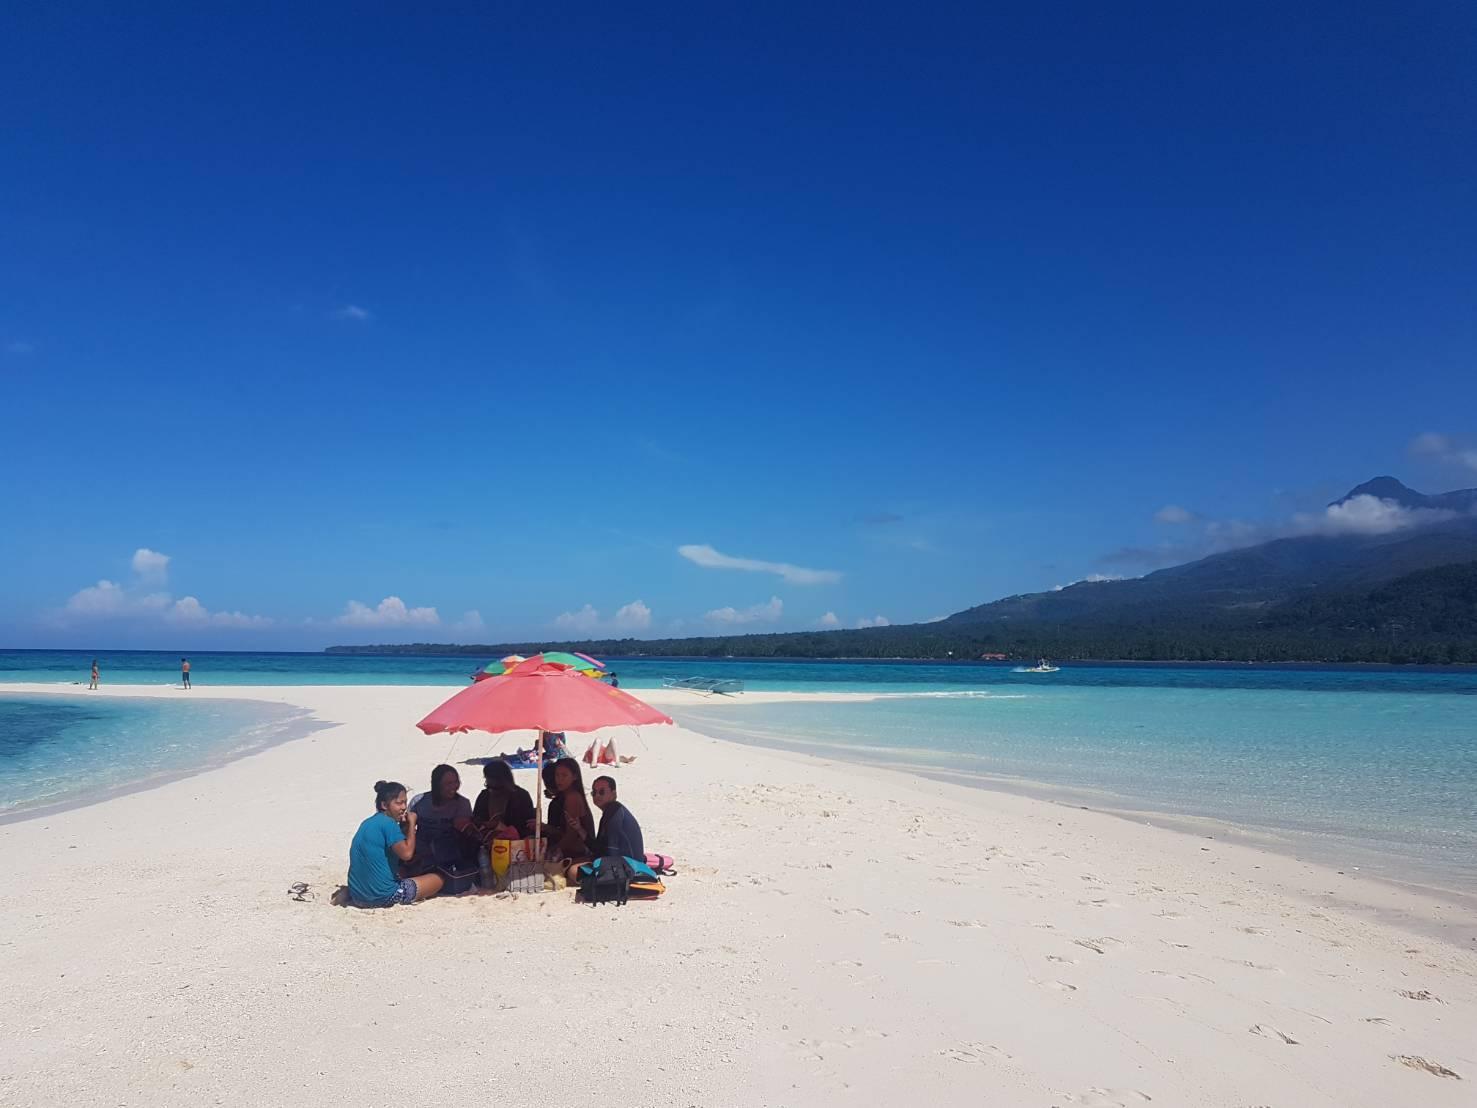 カミギン島ツアー!_f0210164_14213068.jpg